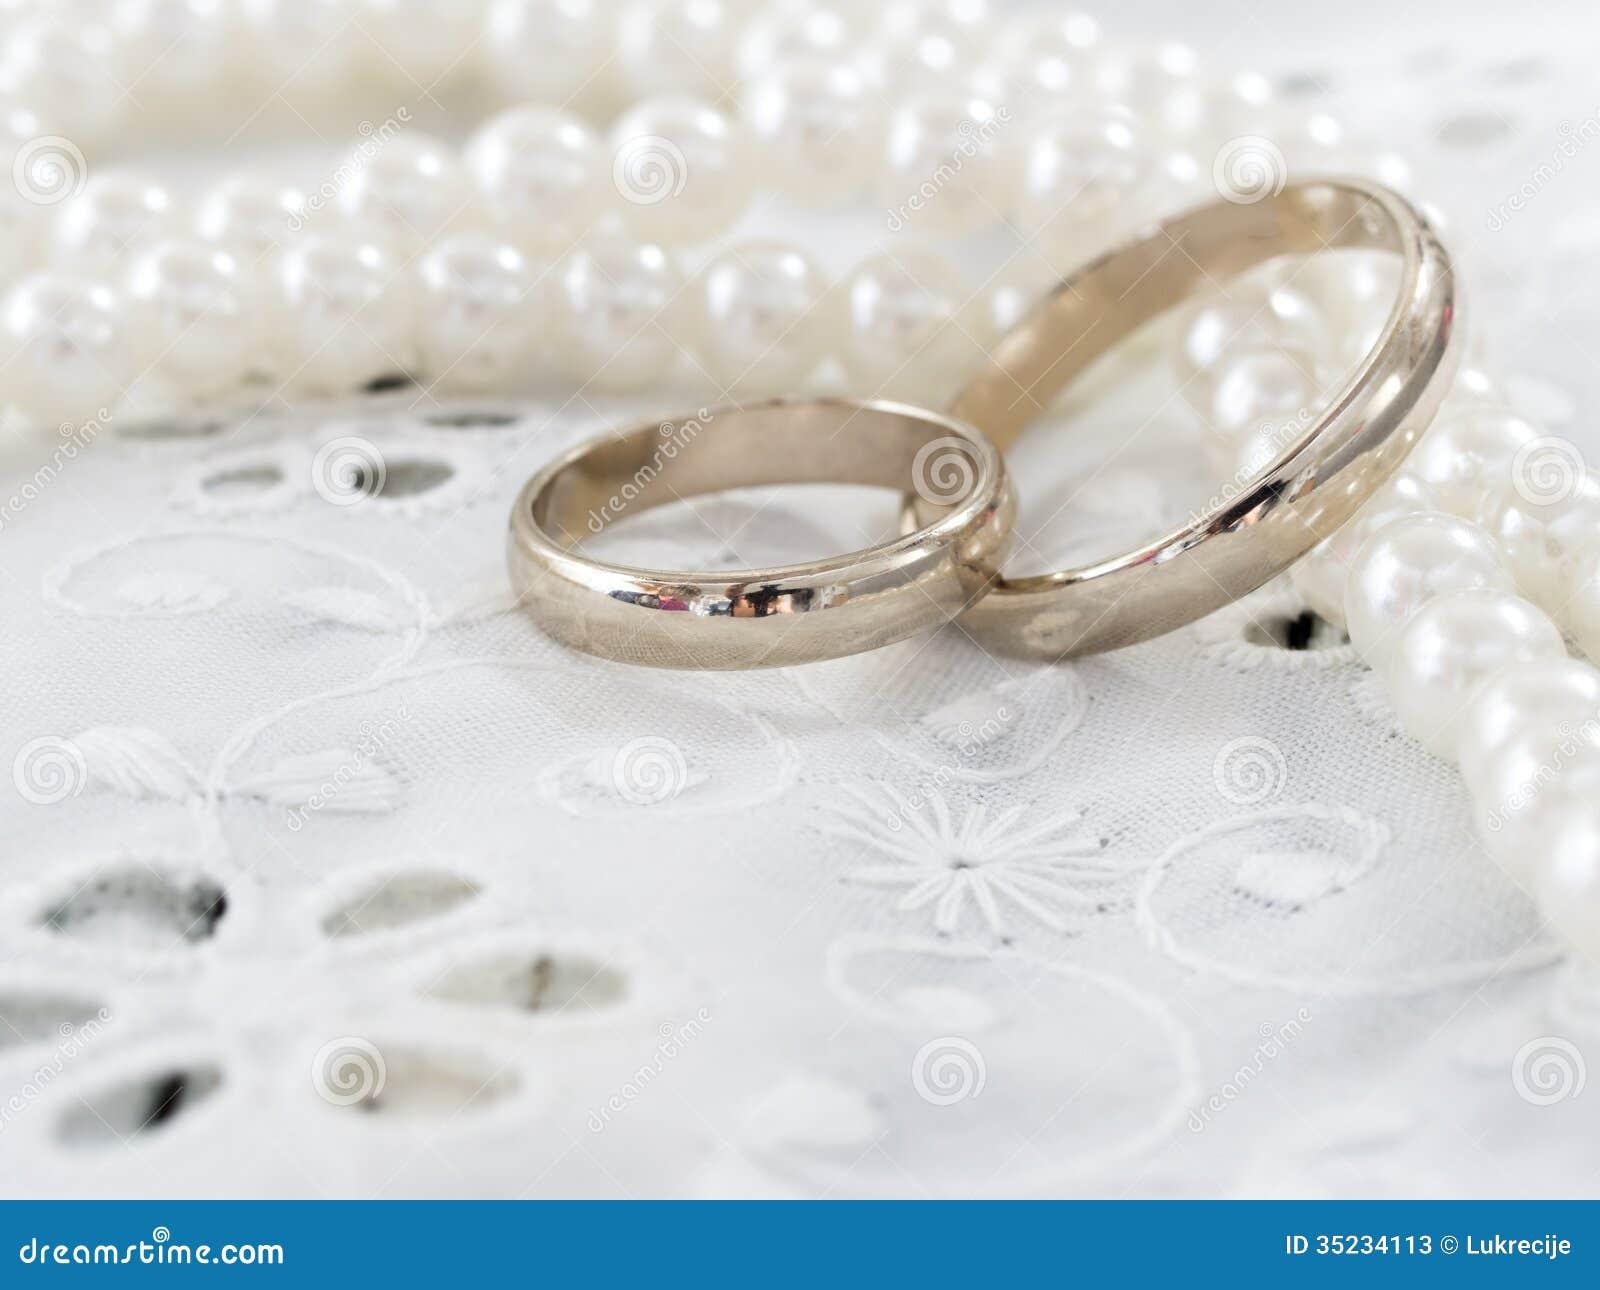 wedding rings - Luxury Wedding Rings